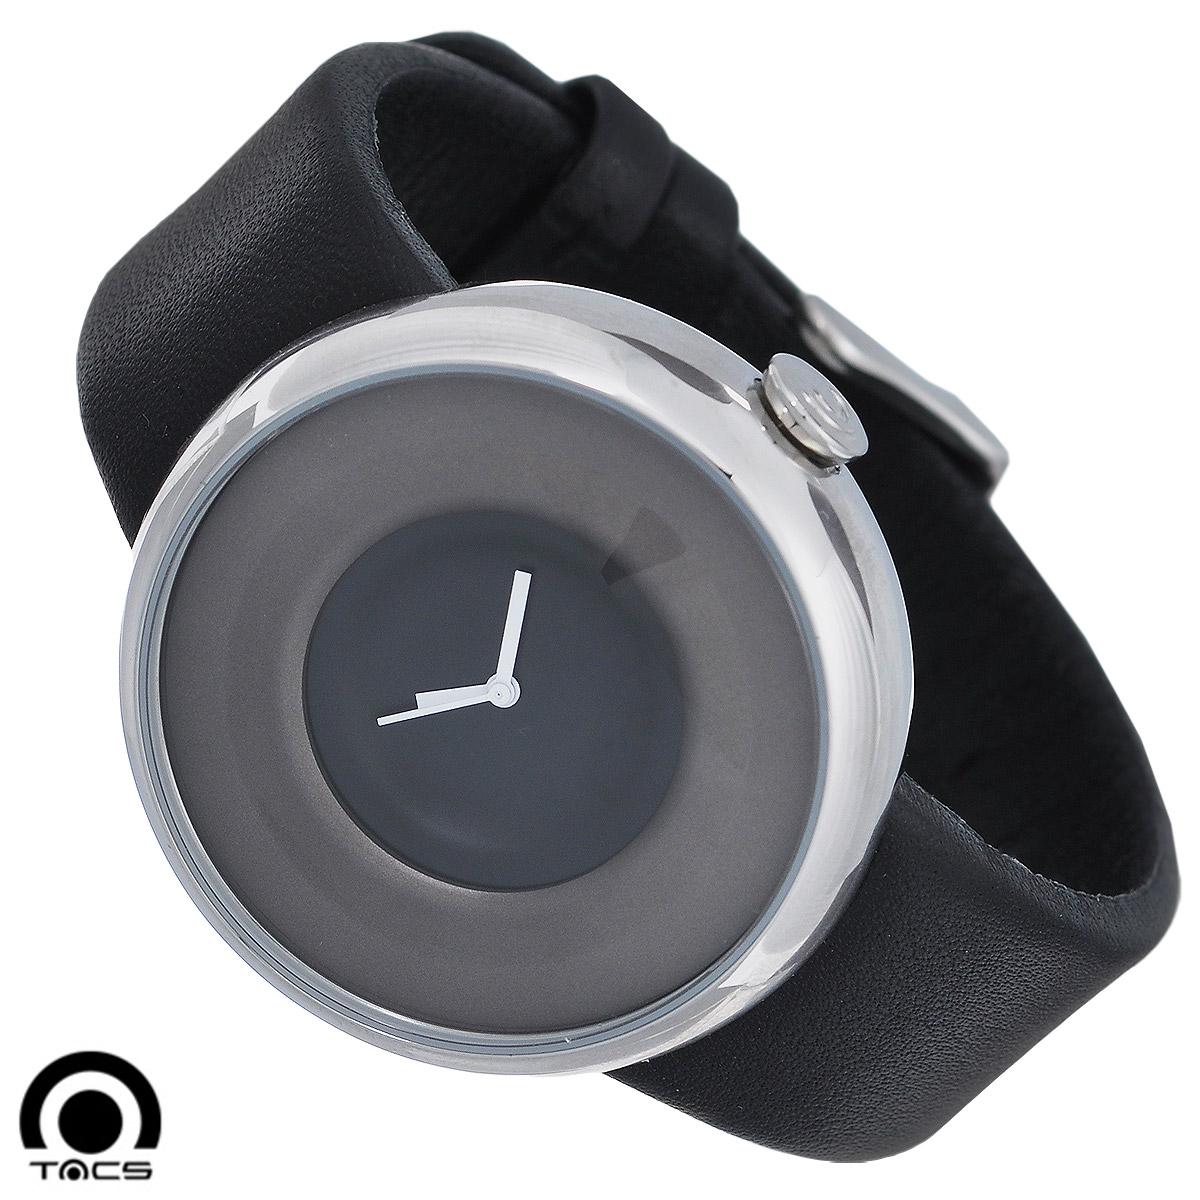 Часы наручные Tacs Drop-B, цвет: серебристый, черный. TS1006BTS1006BОригинальные кварцевые наручные часы Tacs Drop-B созданы для людей, ценящих качество, практичность и индивидуальность в каждой детали. Строгая цветовая гамма позволяет сочетать часы с любыми предметами гардероба. Часы оснащены японским кварцевым механизмом Miyota 2035. Корпус часов выполнен из нержавеющей стали с PVD-покрытием. Часы оснащены тремя стрелками - часовой, минутной и секундной. Циферблат защищен прочным минеральным стеклом, устойчивым к царапинам и повреждениям. Ремешок выполнен из натуральной кожи и застегивается на классическую застежку. Оригинальные часы Tacs покорят вас неординарным дизайном, а высокое качество и практичность позволят использовать их долгие годы. Благодаря необычному дизайну часы выделят вас из толпы и подчеркнут вашу индивидуальность. Часы Tacs - это высококачественная продукция, соответствующая образу жизни героя современного мегаполиса. В дизайн каждой модели часов органично вплетены узнаваемые элементы...